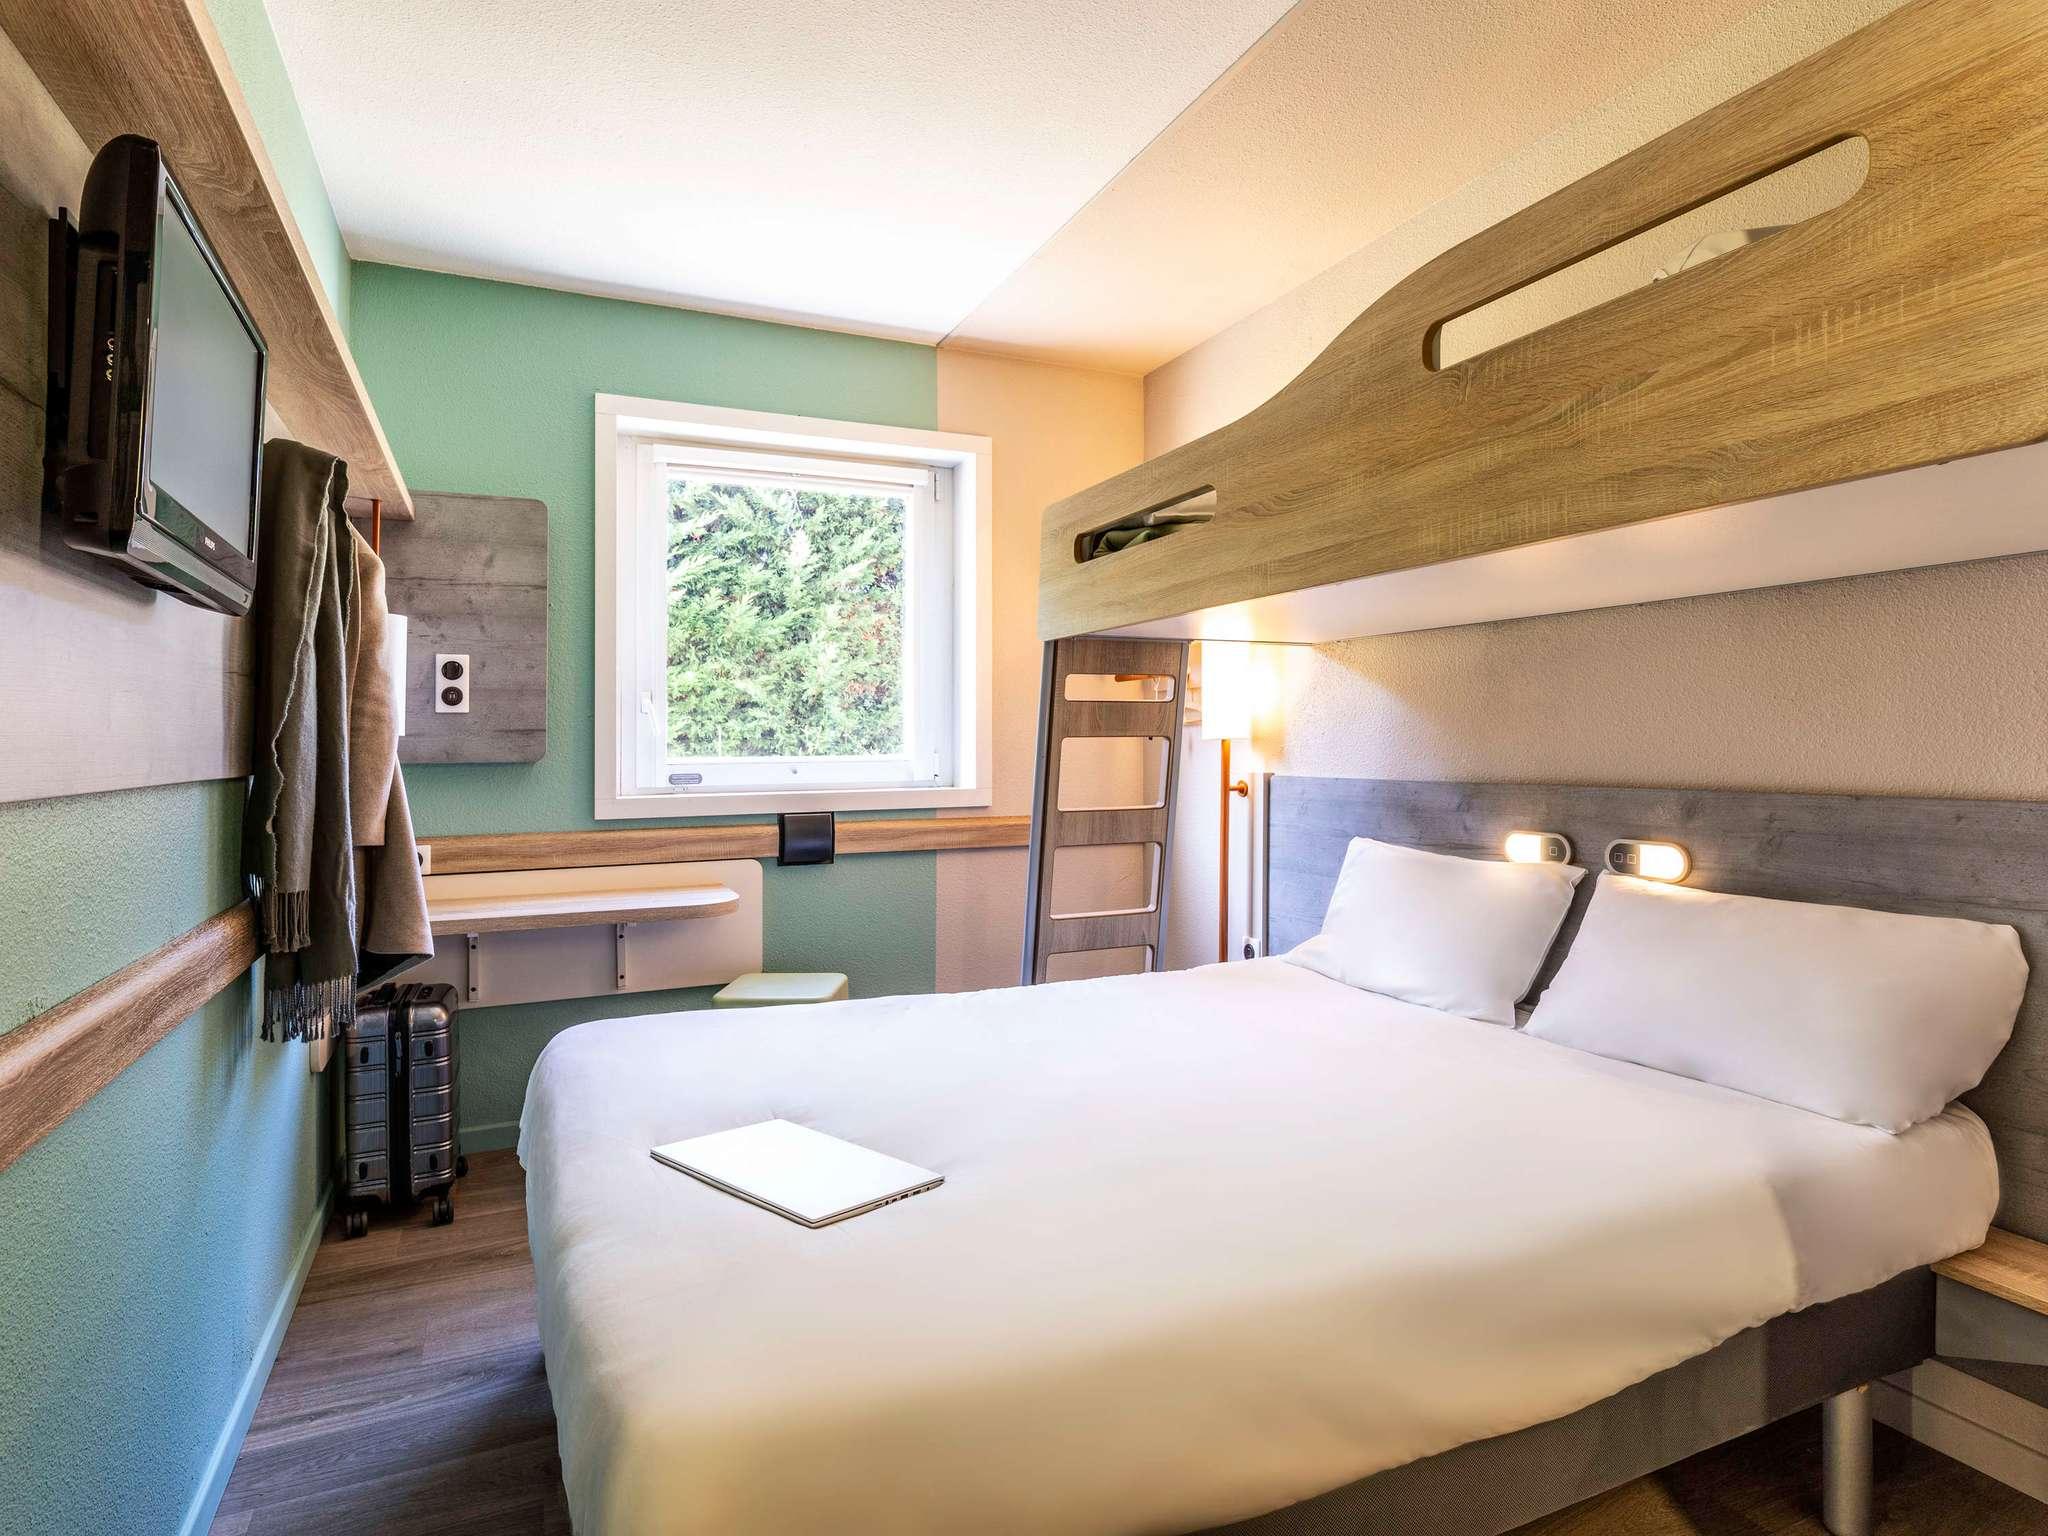 maison du monde l isle d abeau maison du monde autour de neuville sur sane with maison du monde. Black Bedroom Furniture Sets. Home Design Ideas